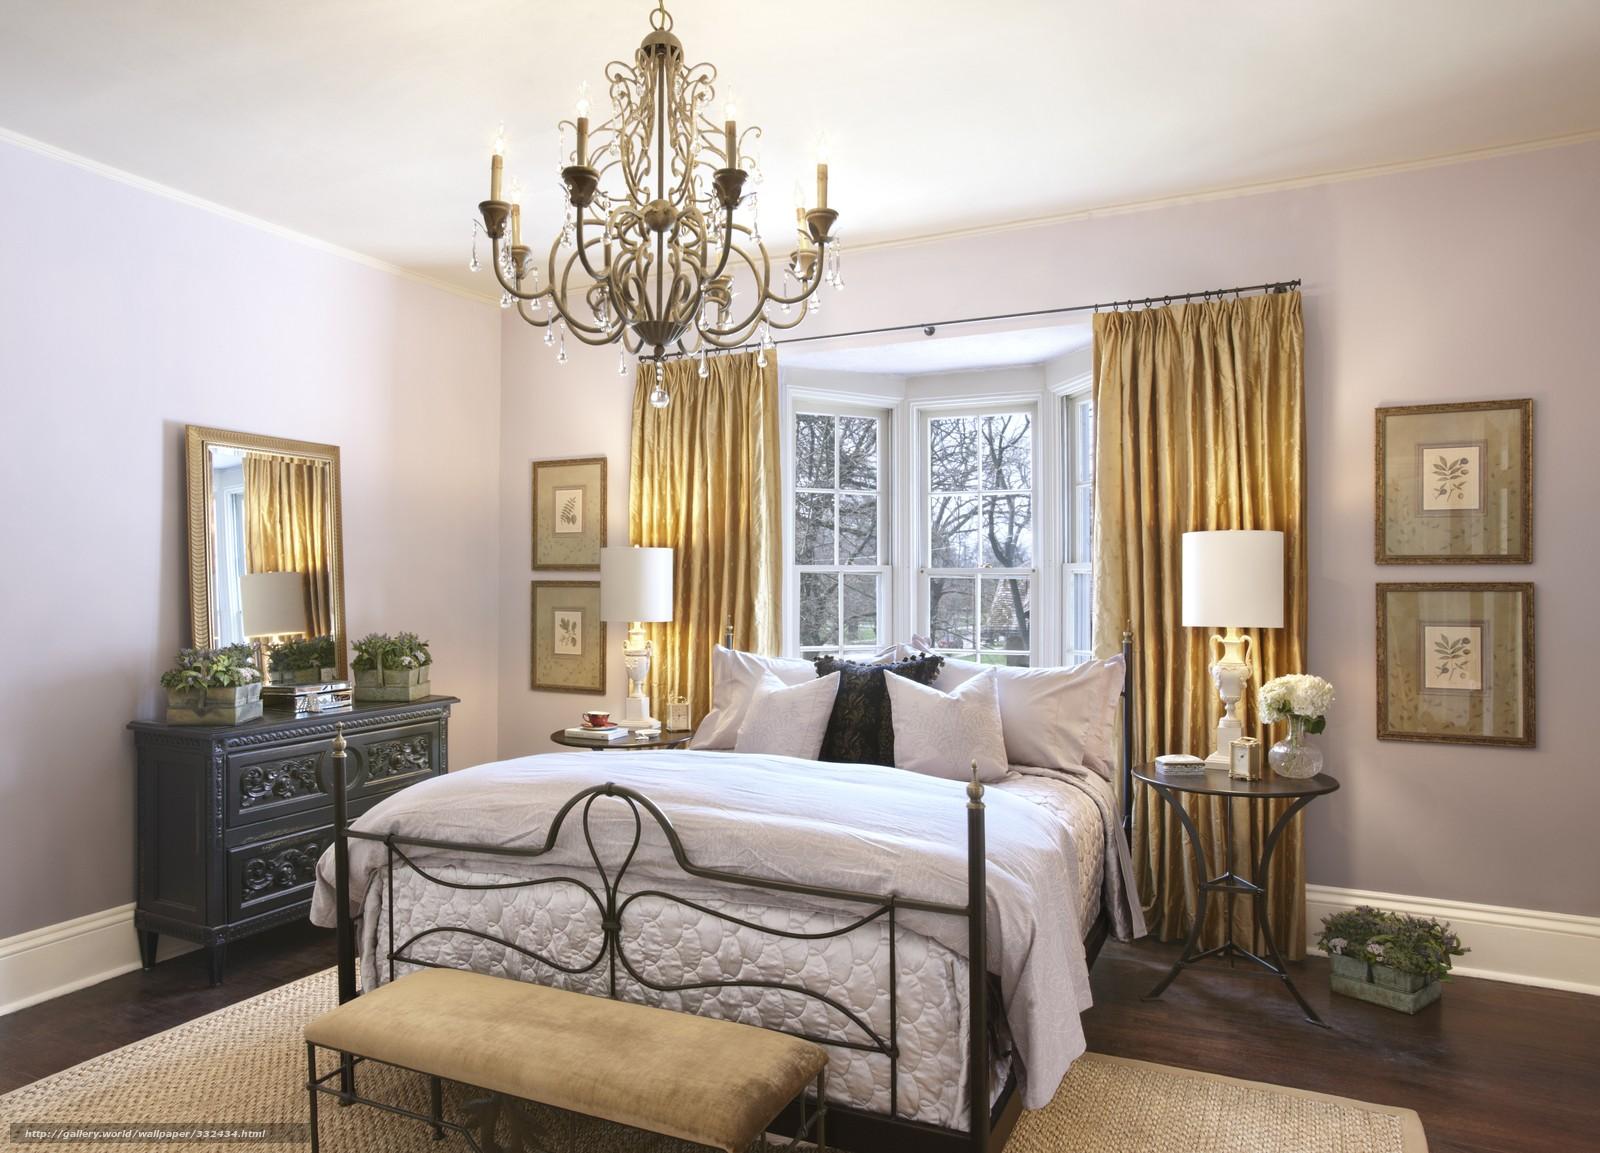 спальня с кроватью у окна фото